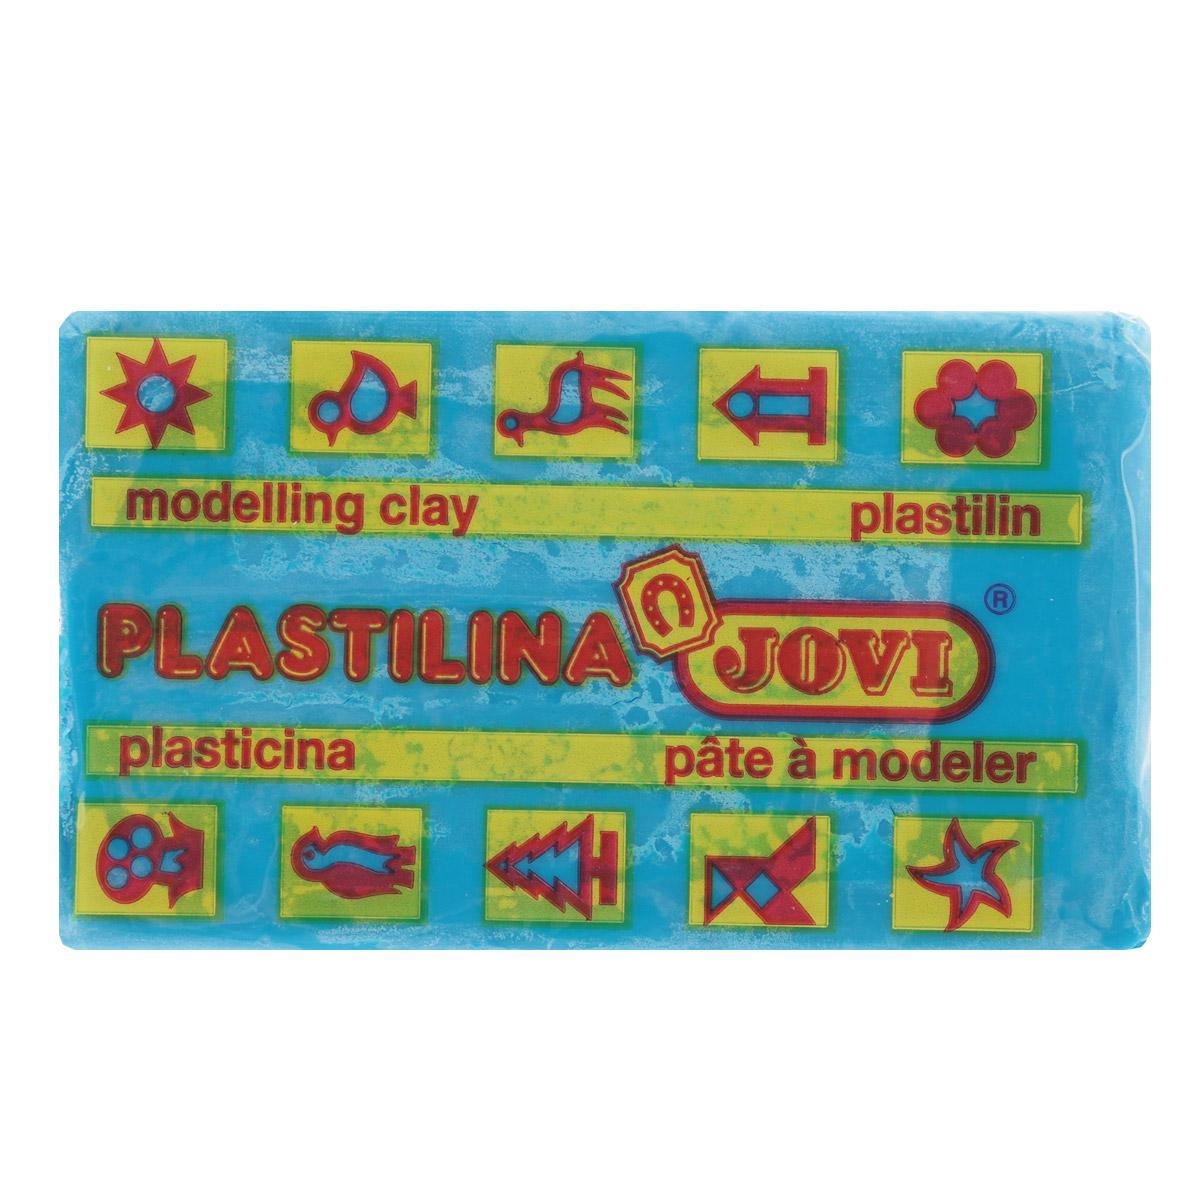 Jovi Пластилин, цвет: голубой, 50 г7012U_голубойПластилин Jovi - лучший выбор для лепки, он обладает превосходными изобразительными возможностями и поэтому дает простор воображению и самым смелым творческим замыслам. Пластилин, изготовленный на растительной основе, очень мягкий, легко разминается и смешивается, не пачкает руки и не прилипает к рабочей поверхности. Пластилин пригоден для создания аппликаций и поделок, ручной лепки, моделирования на каркасе, пластилиновой живописи - рисовании пластилином по бумаге, картону, дереву или текстилю. Пластические свойства сохраняются в течение 5 лет.